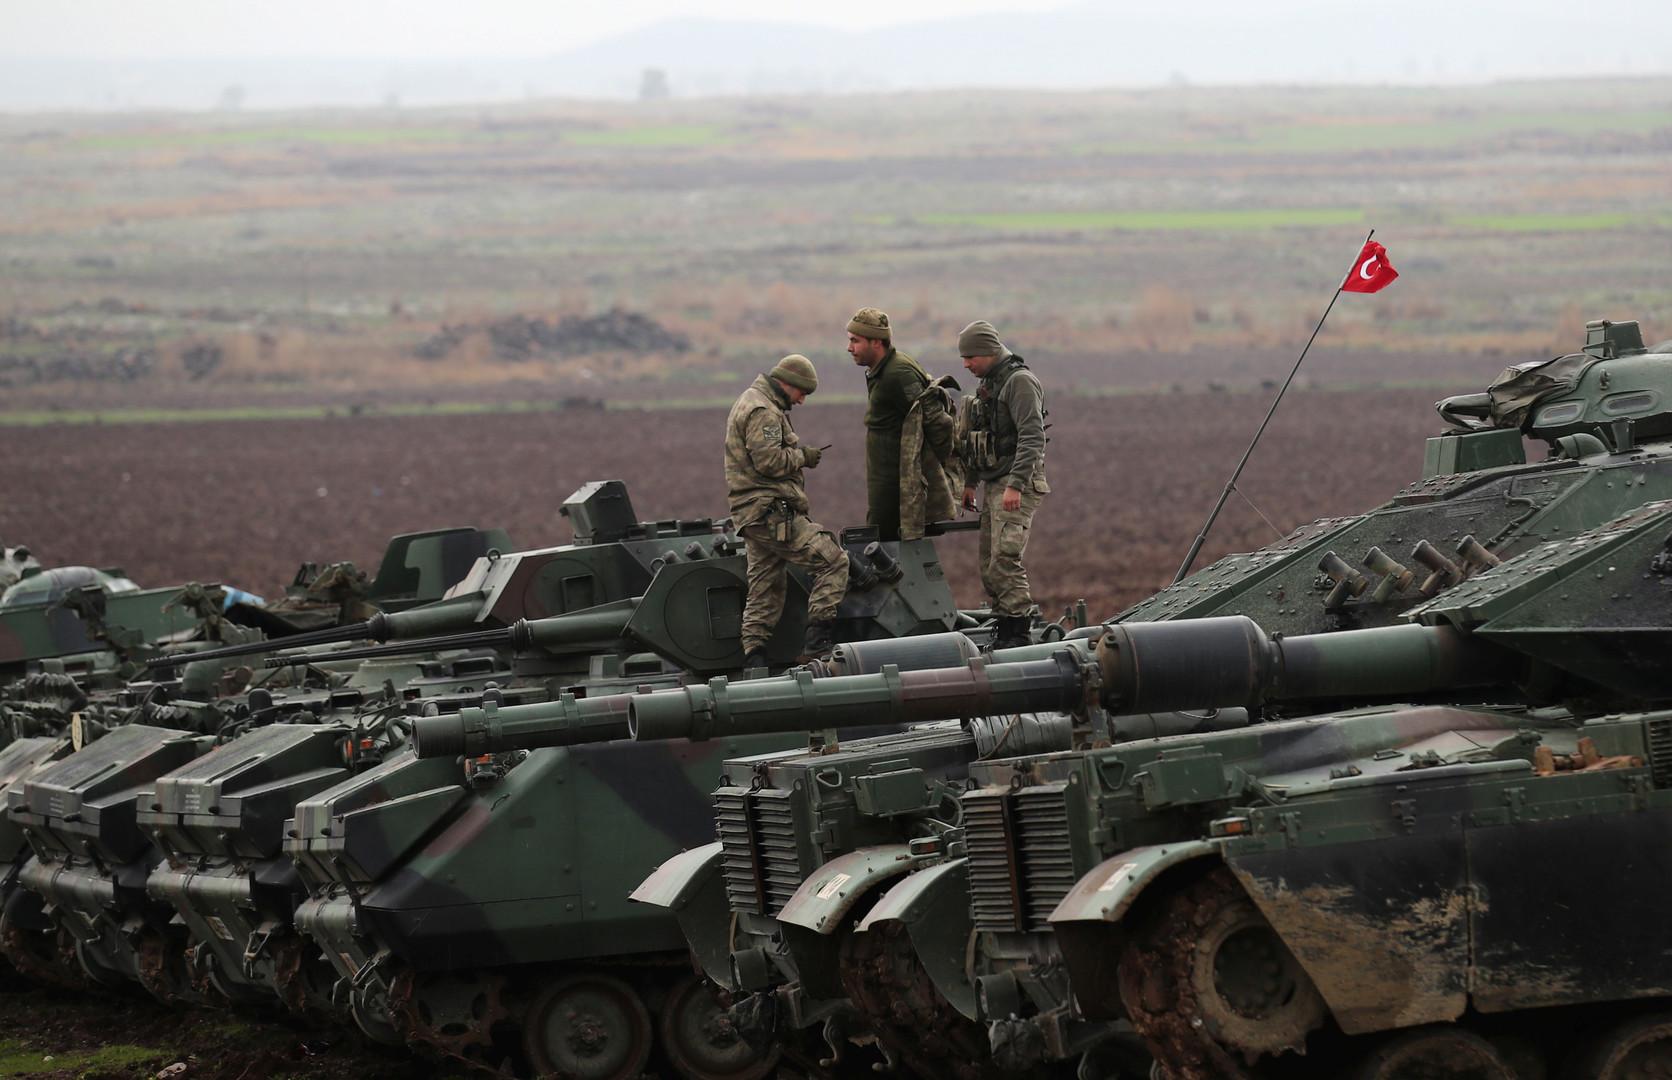 طائرات مسيرة تحلق شمال سوريا في إطار التفاهم الأمريكي التركي بشأن